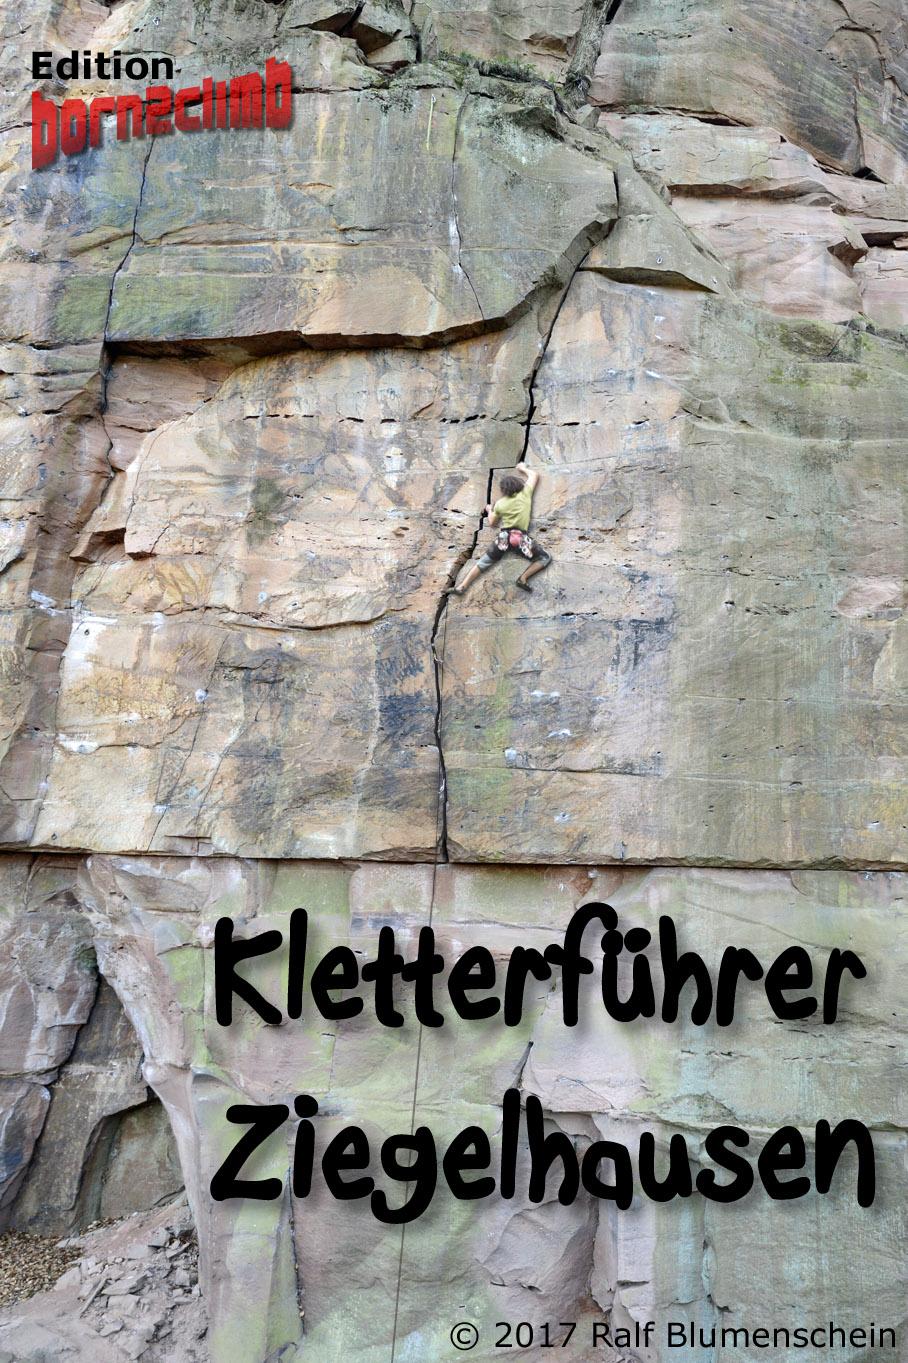 download Topo Ziegelhausen Kletterführer